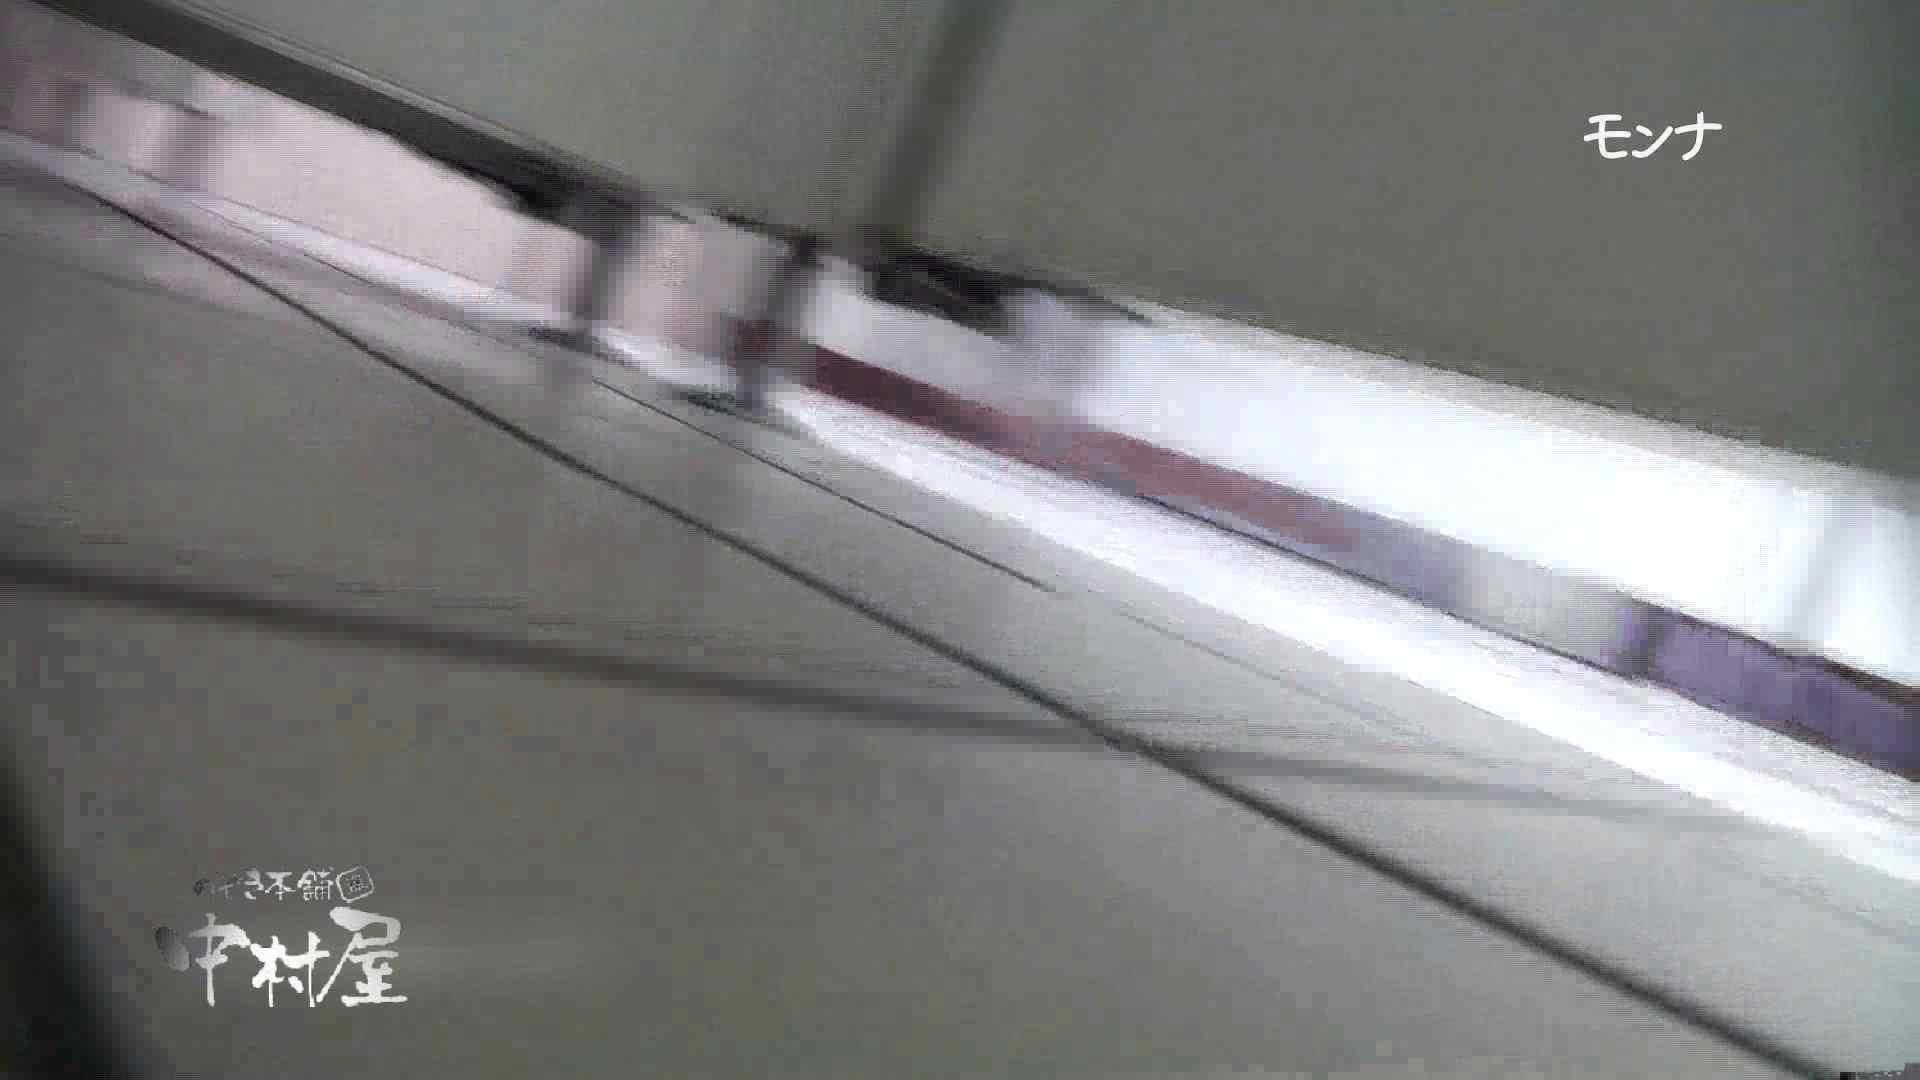 【美しい日本の未来】新学期!!下半身中心に攻めてます美女可愛い女子悪戯盗satuトイレ後編 美女すけべ画像 盗撮動画紹介 25連発 18